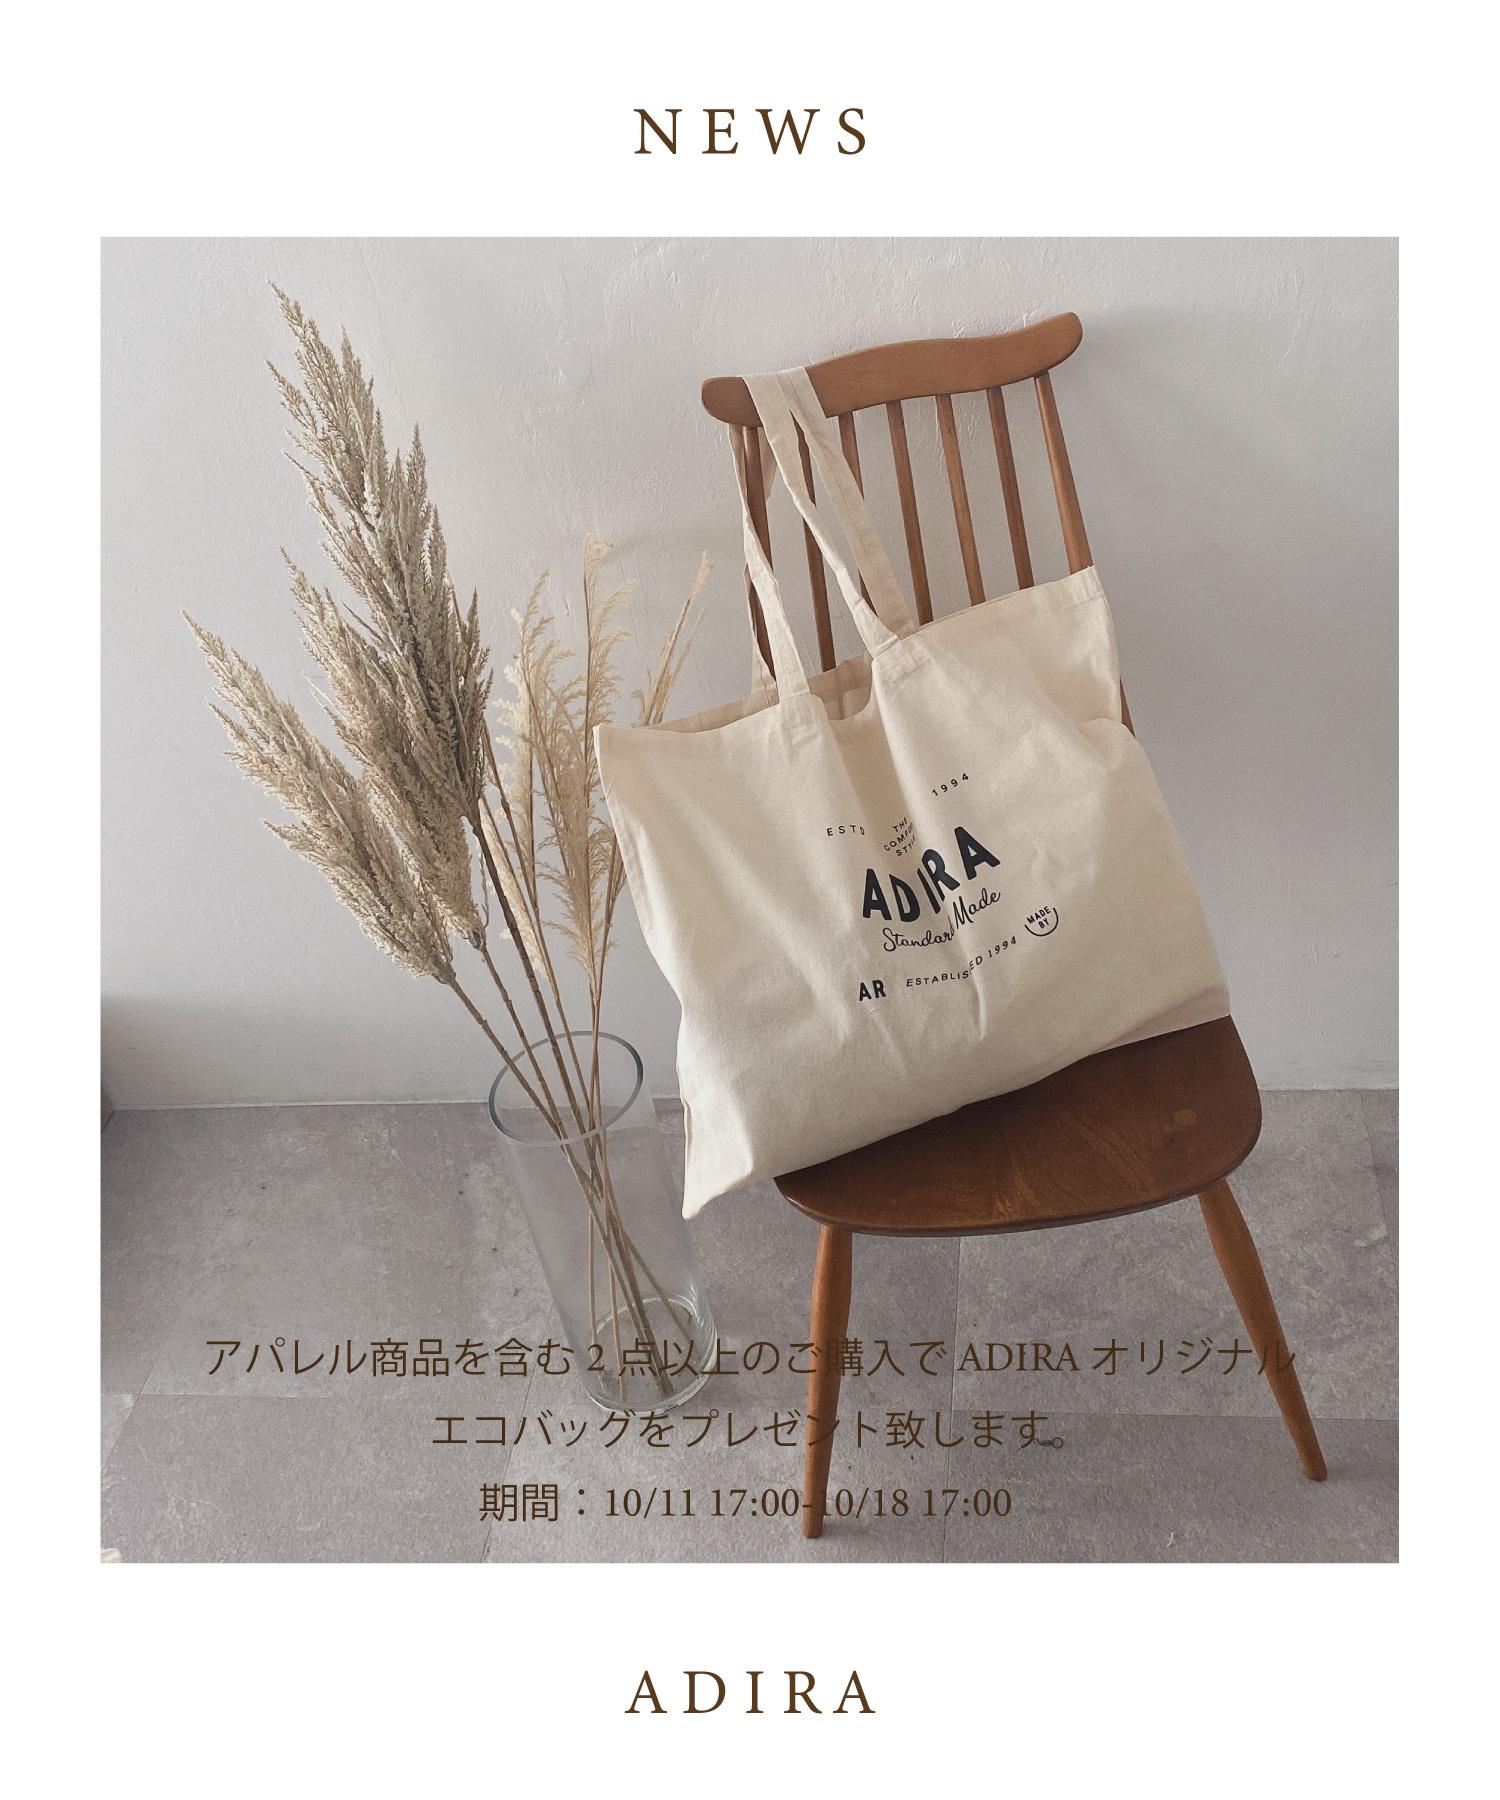 ┈ エコバッグプレゼント ┈